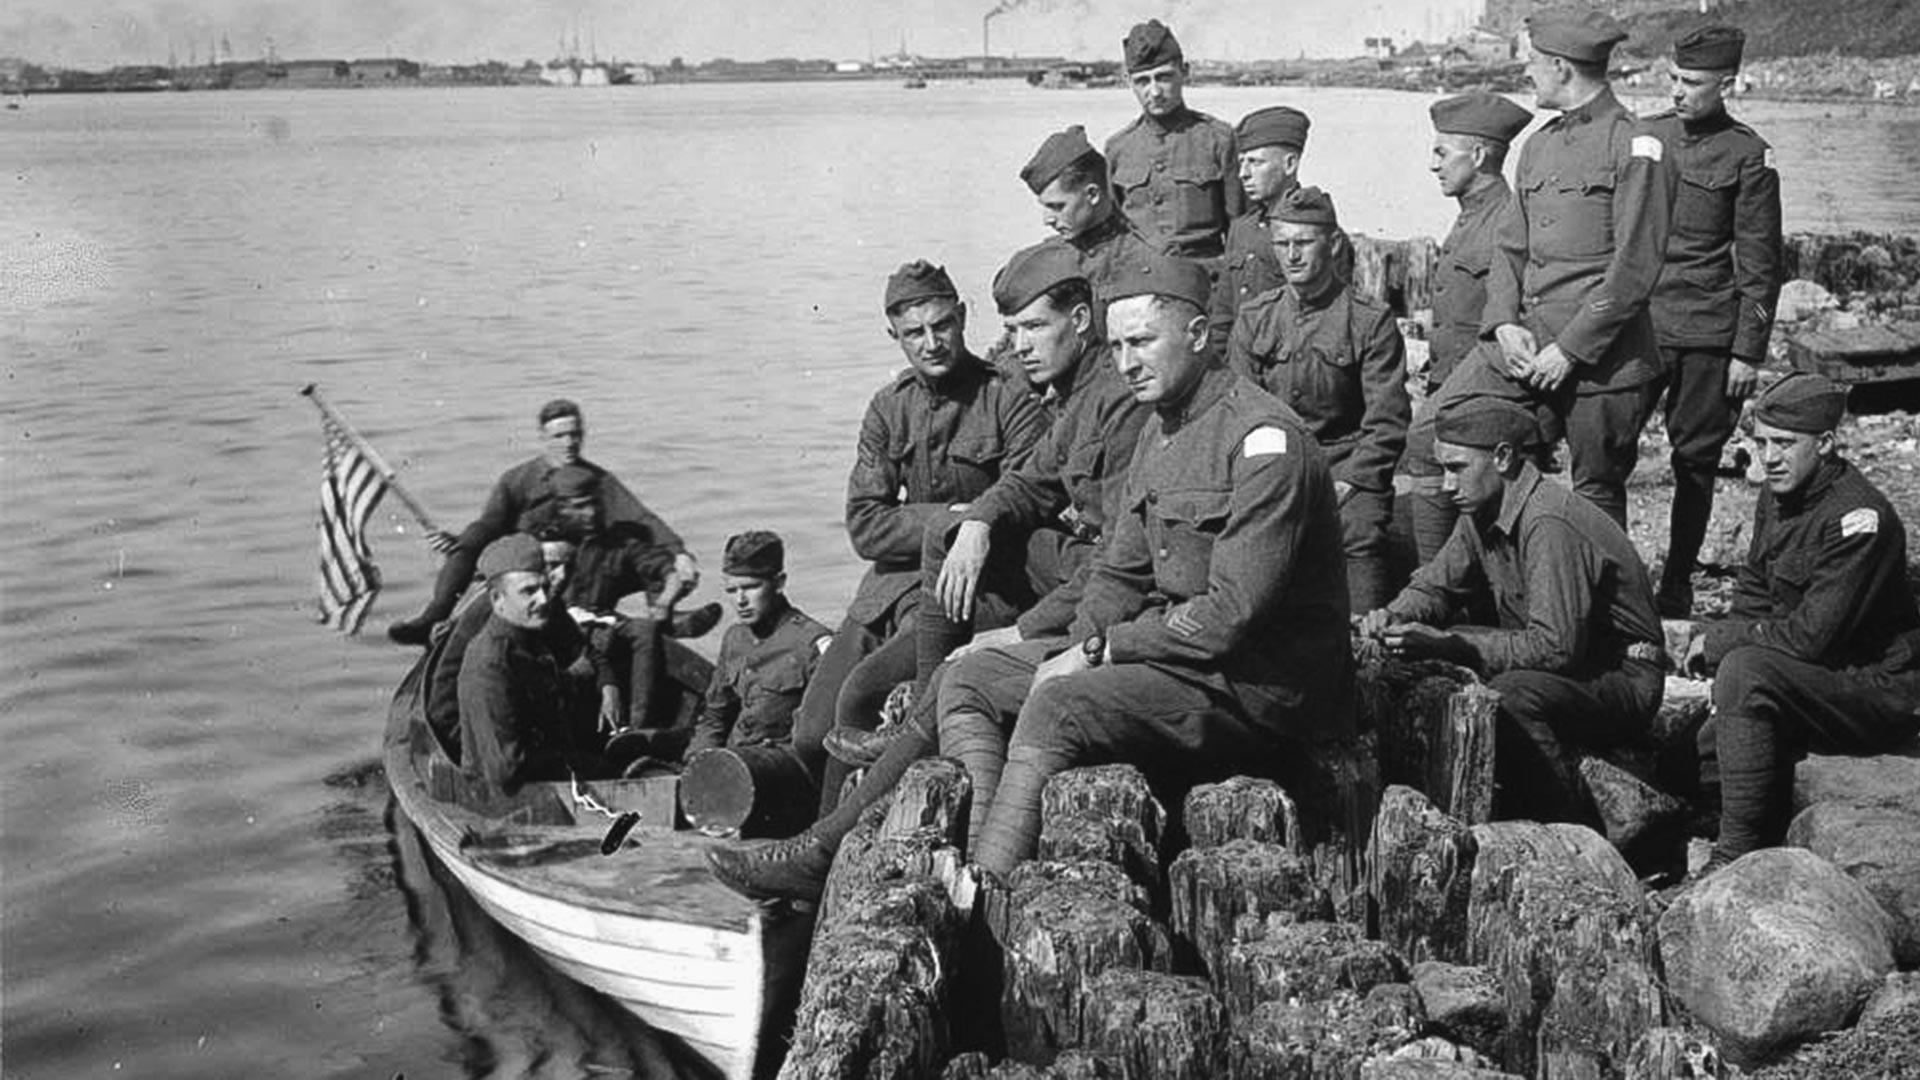 Амерички војници чекају бродове који ће их вратити кући, лето 1919.